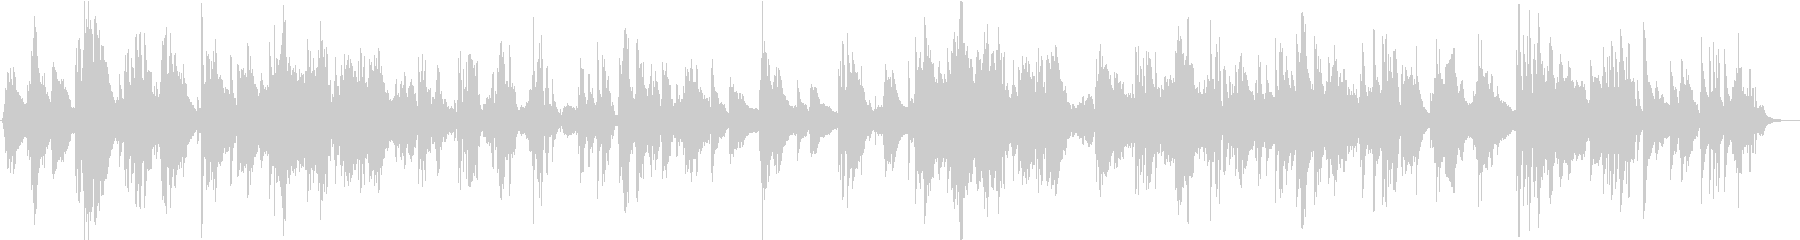 サックスのソロとベースのピアノバラード。の未再生の波形